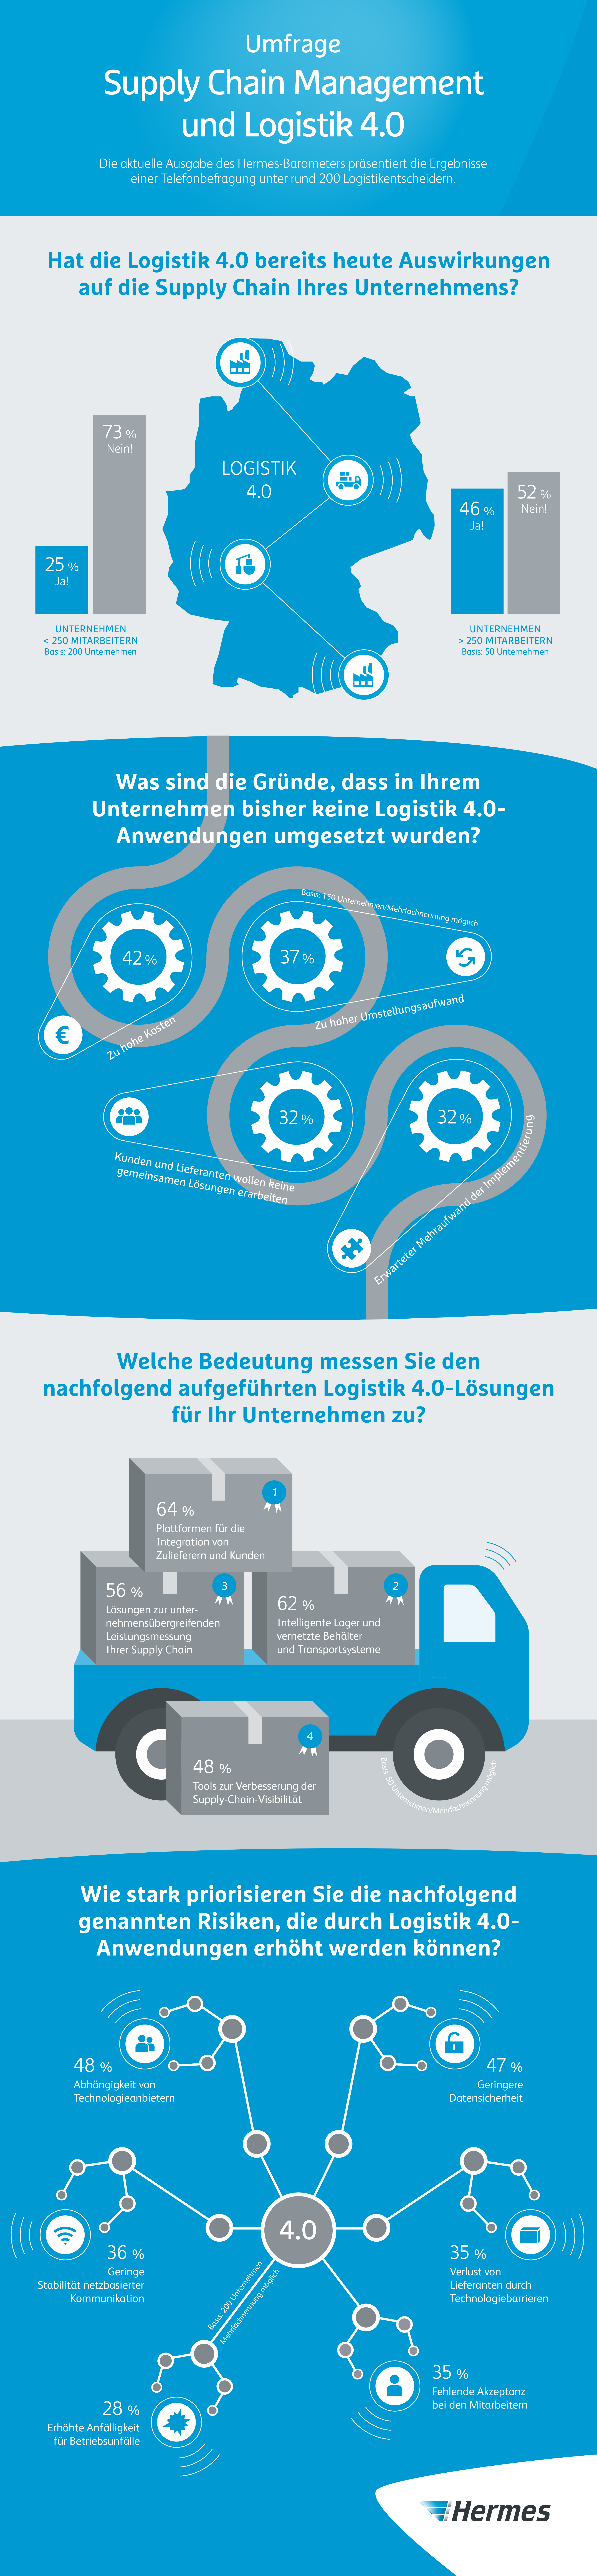 200 Logistikentscheider wurden zur Bedeutung von Logistik 4.0 im Supply Chain Management befragt. (Grafik: Hermes)